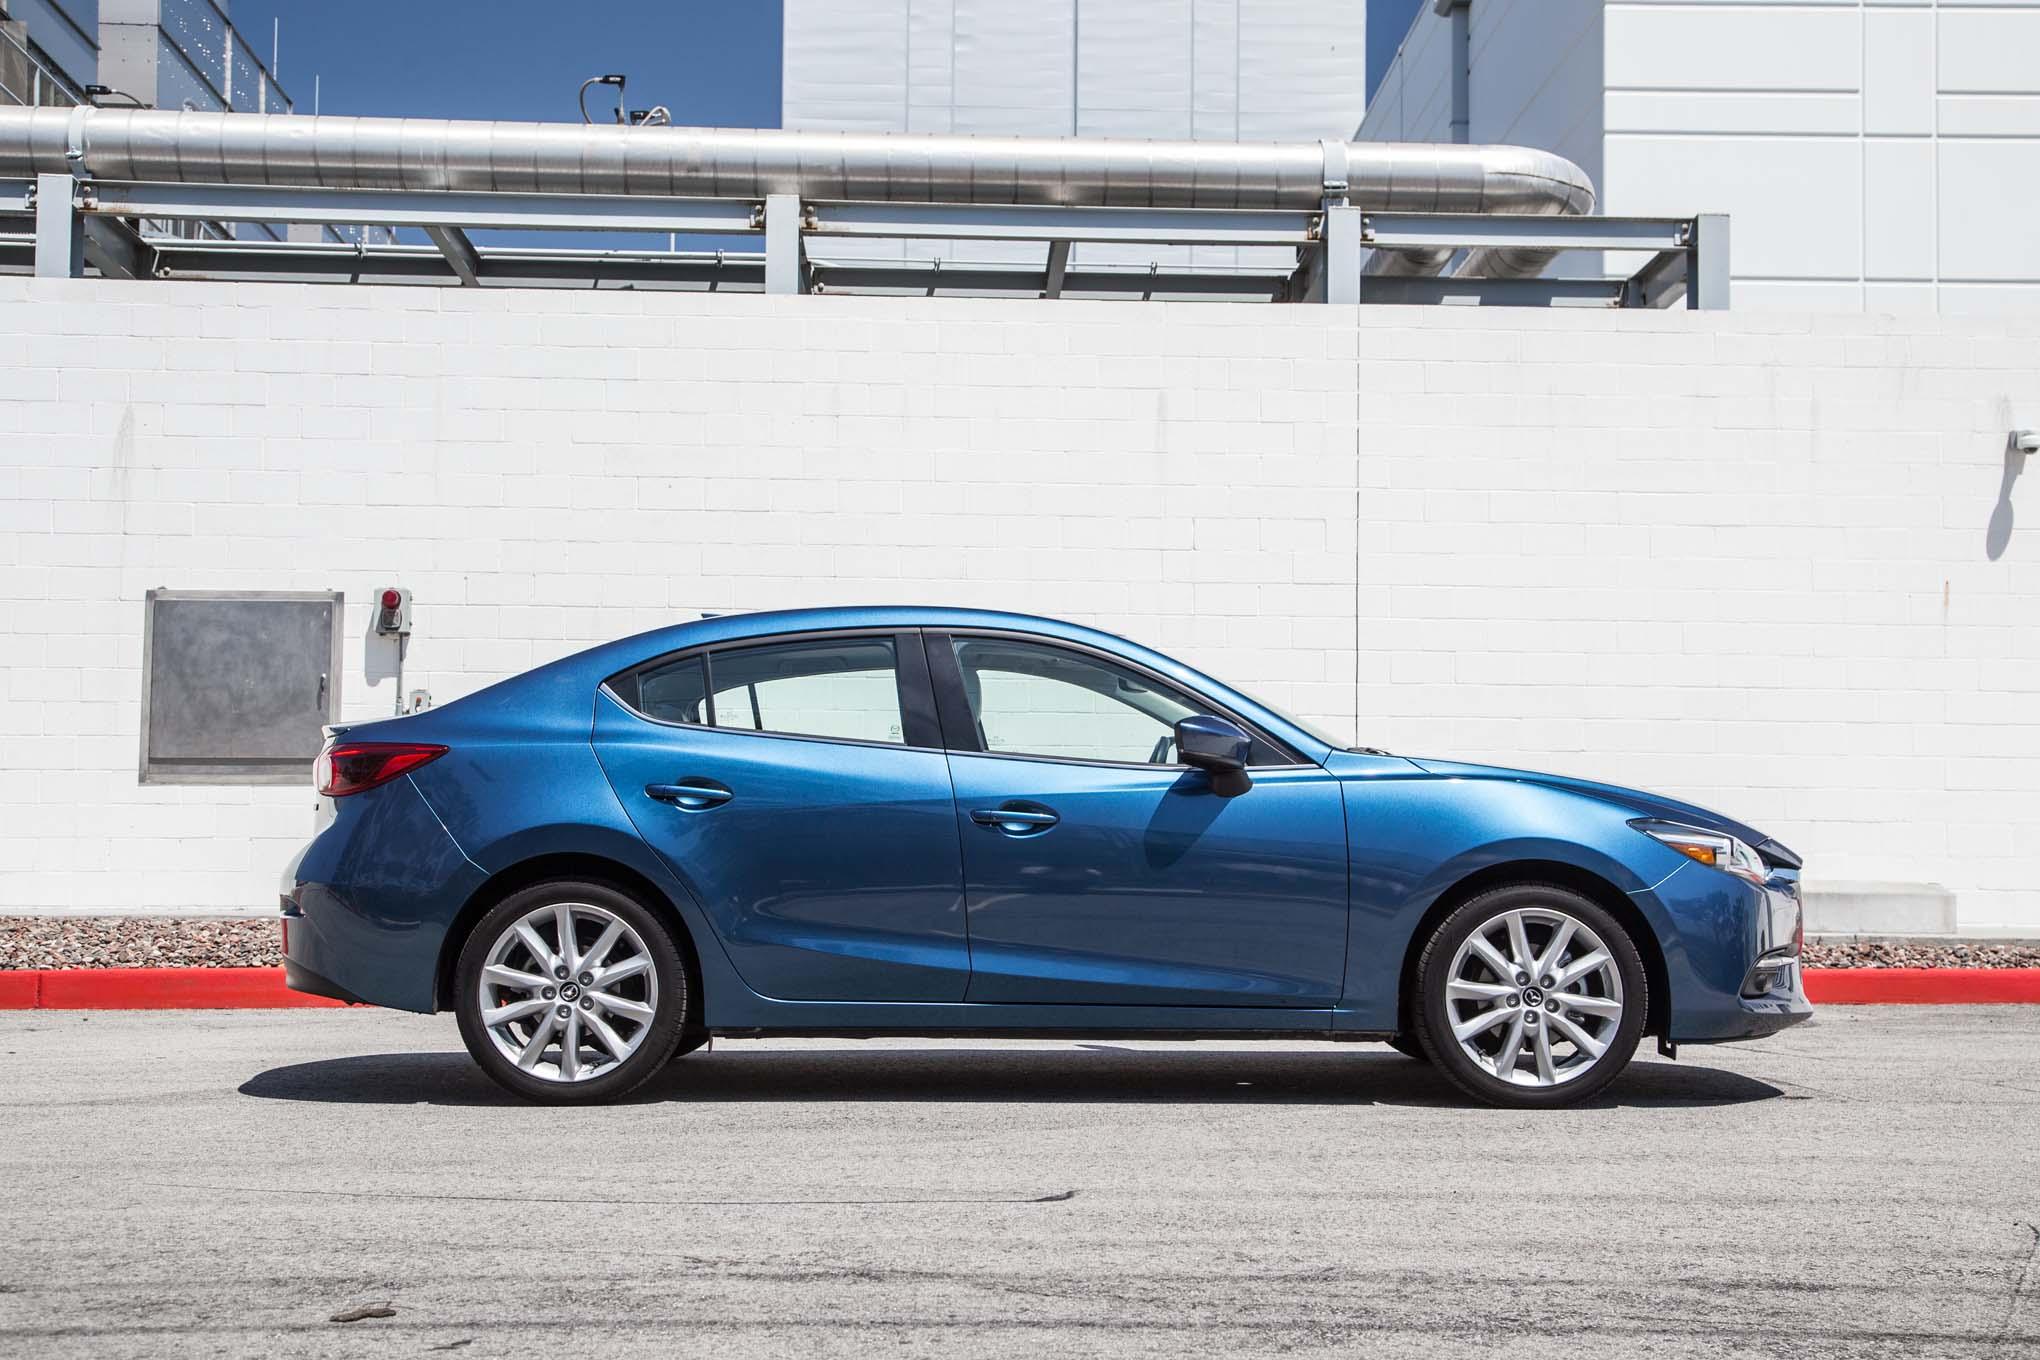 2017 Mazda3 S Gt Side Profile 25 Julio Miguel Cortina